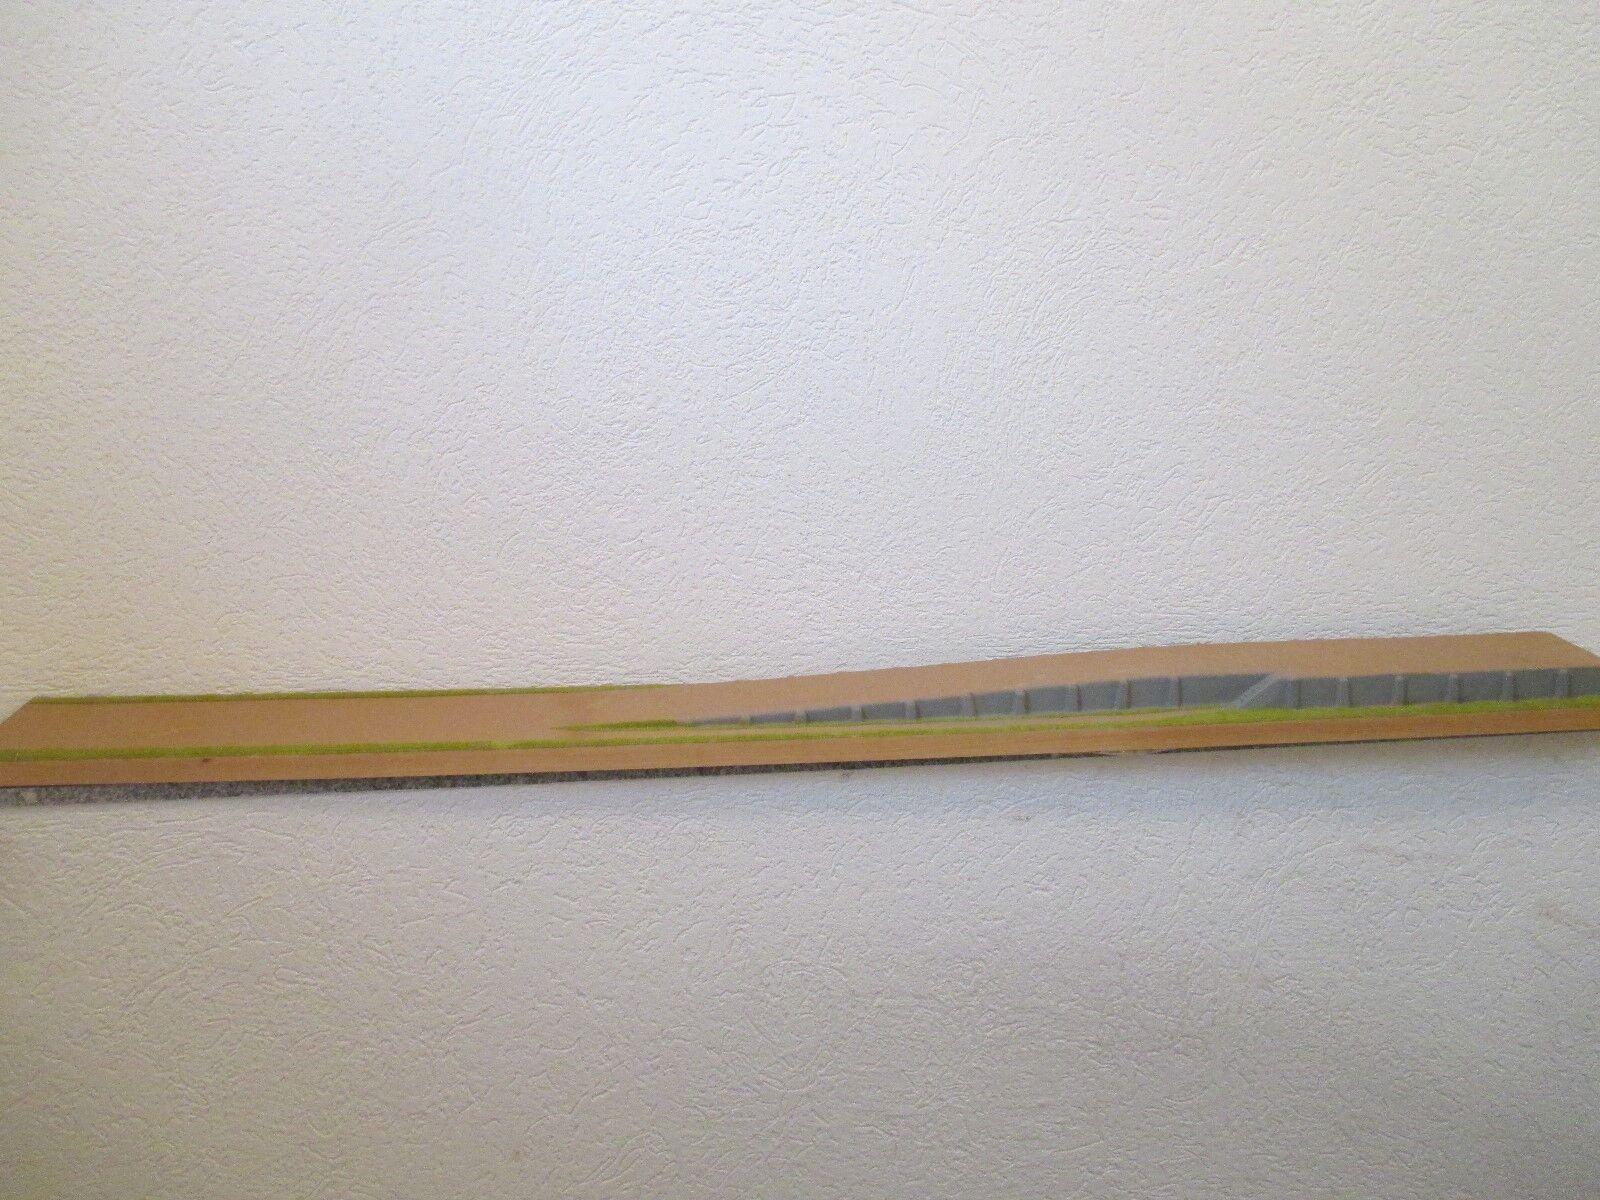 NOCH H0 81980  Fertiggelände Anbaufeld Vorfeld 2000 x 200 200 200 mm  WM1417    Niedriger Preis und gute Qualität  5c0d49